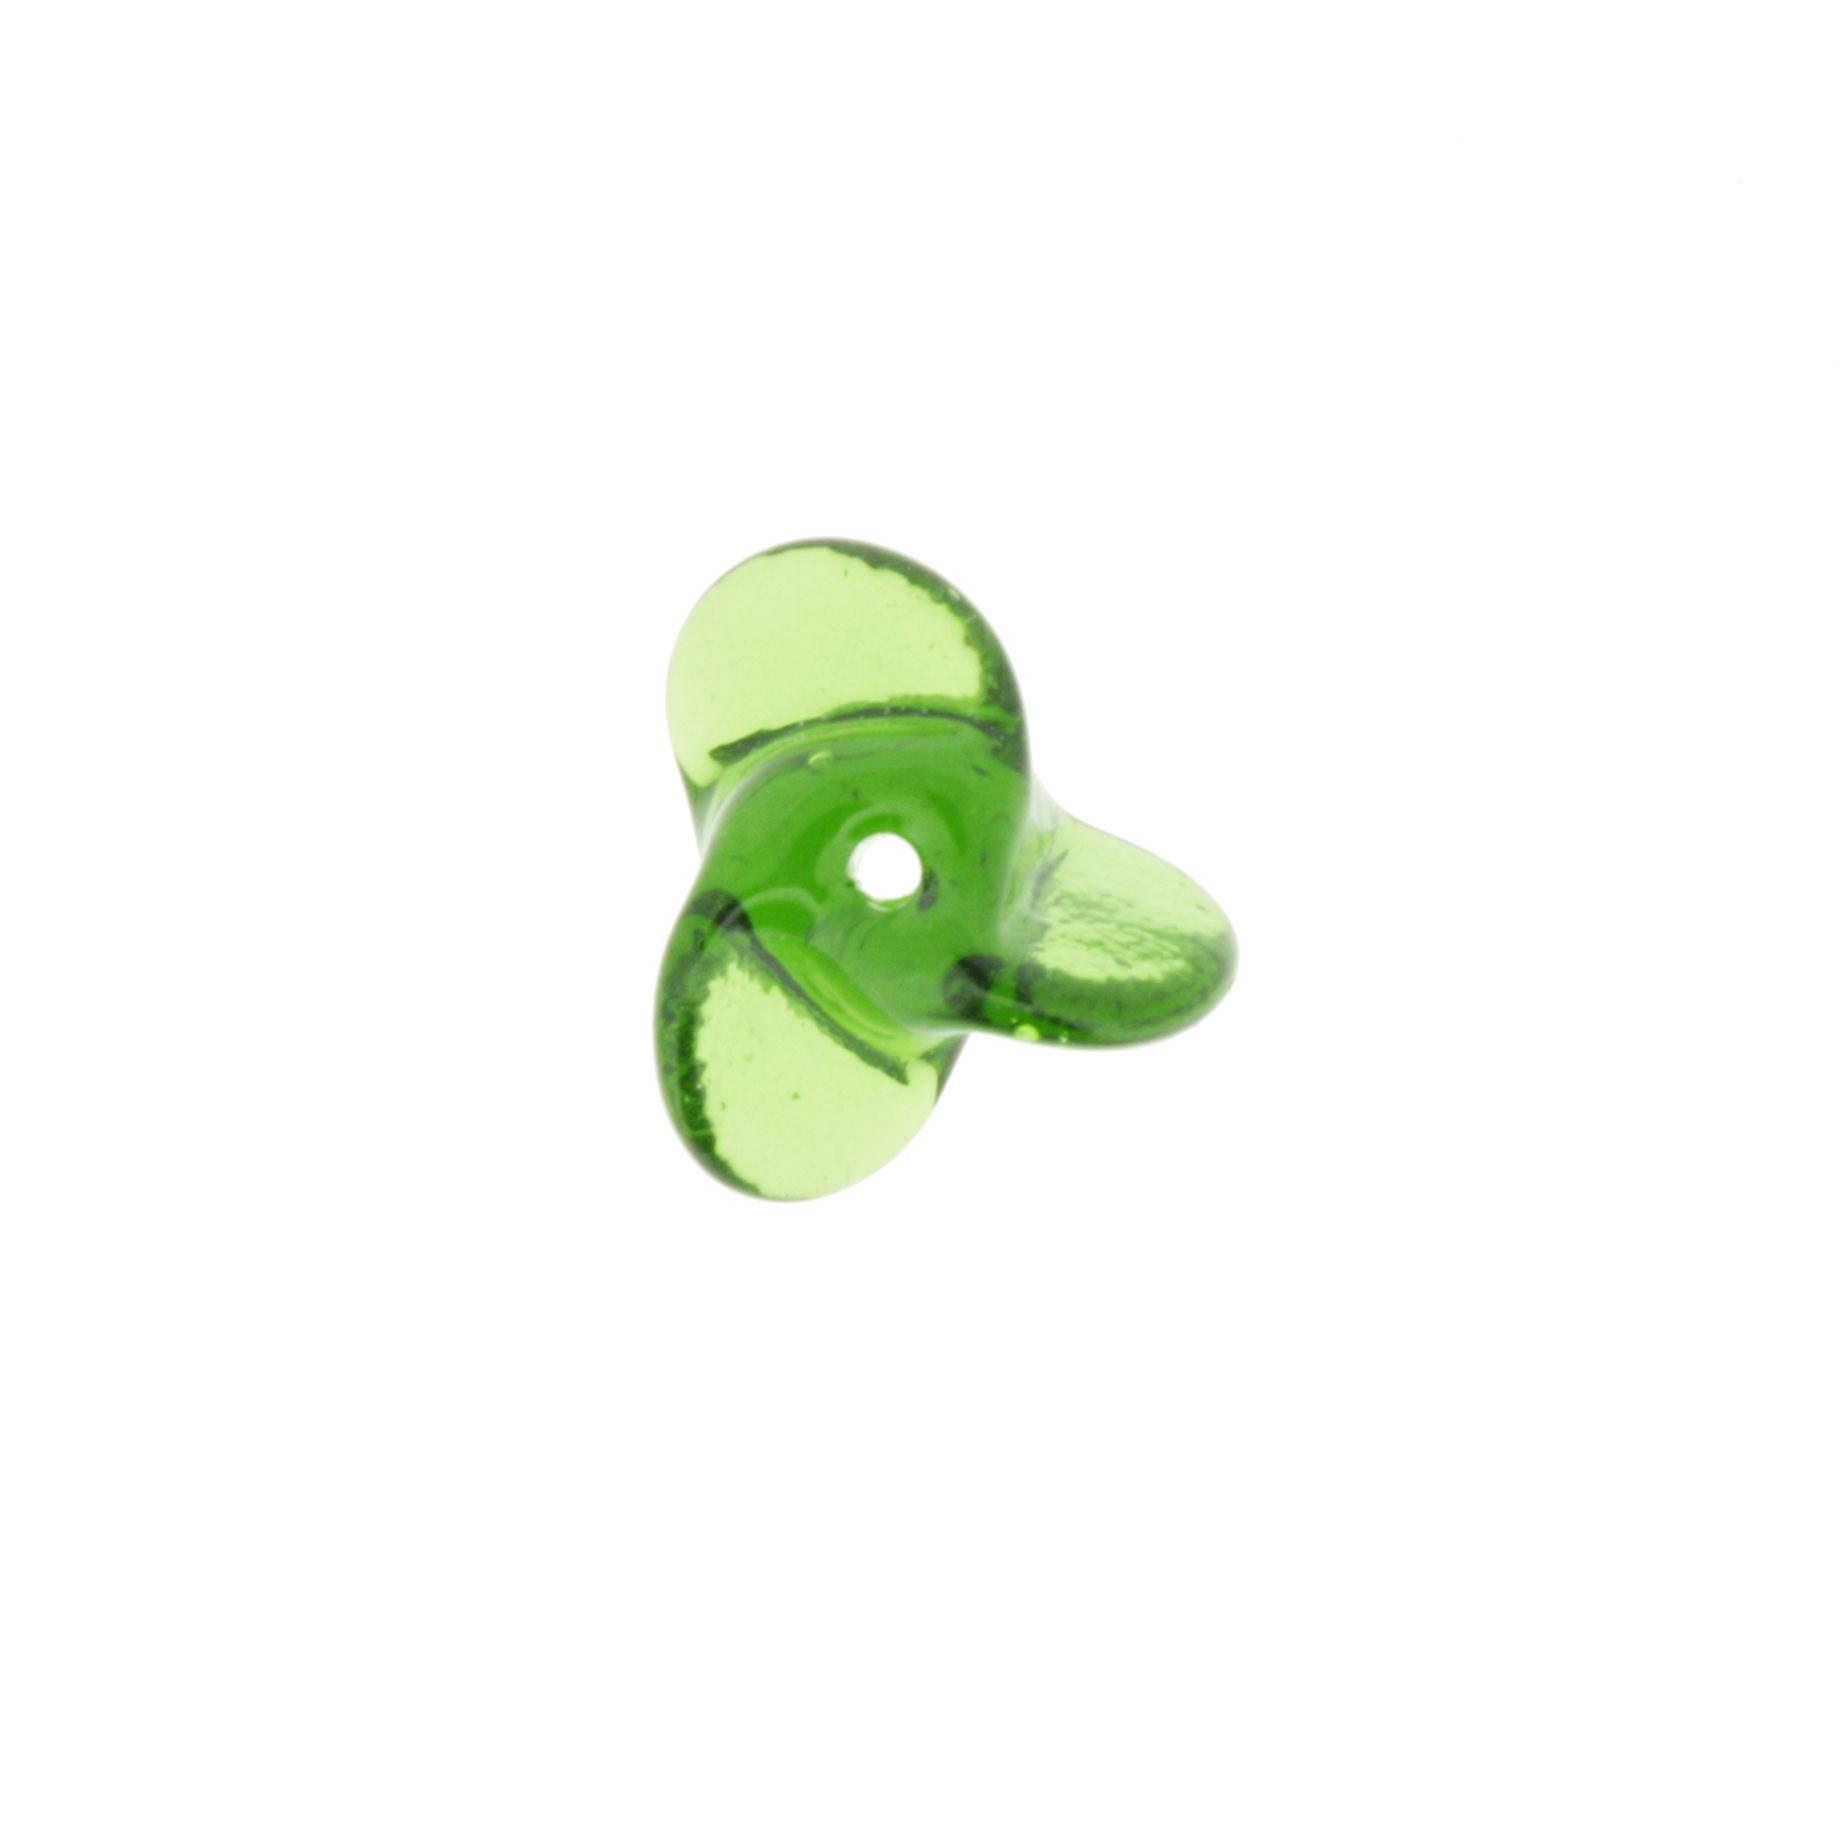 Hélice Vidro - Verde Transparente - Ref.: MH1355  - Stéphanie Bijoux® - Peças para Bijuterias e Artesanato